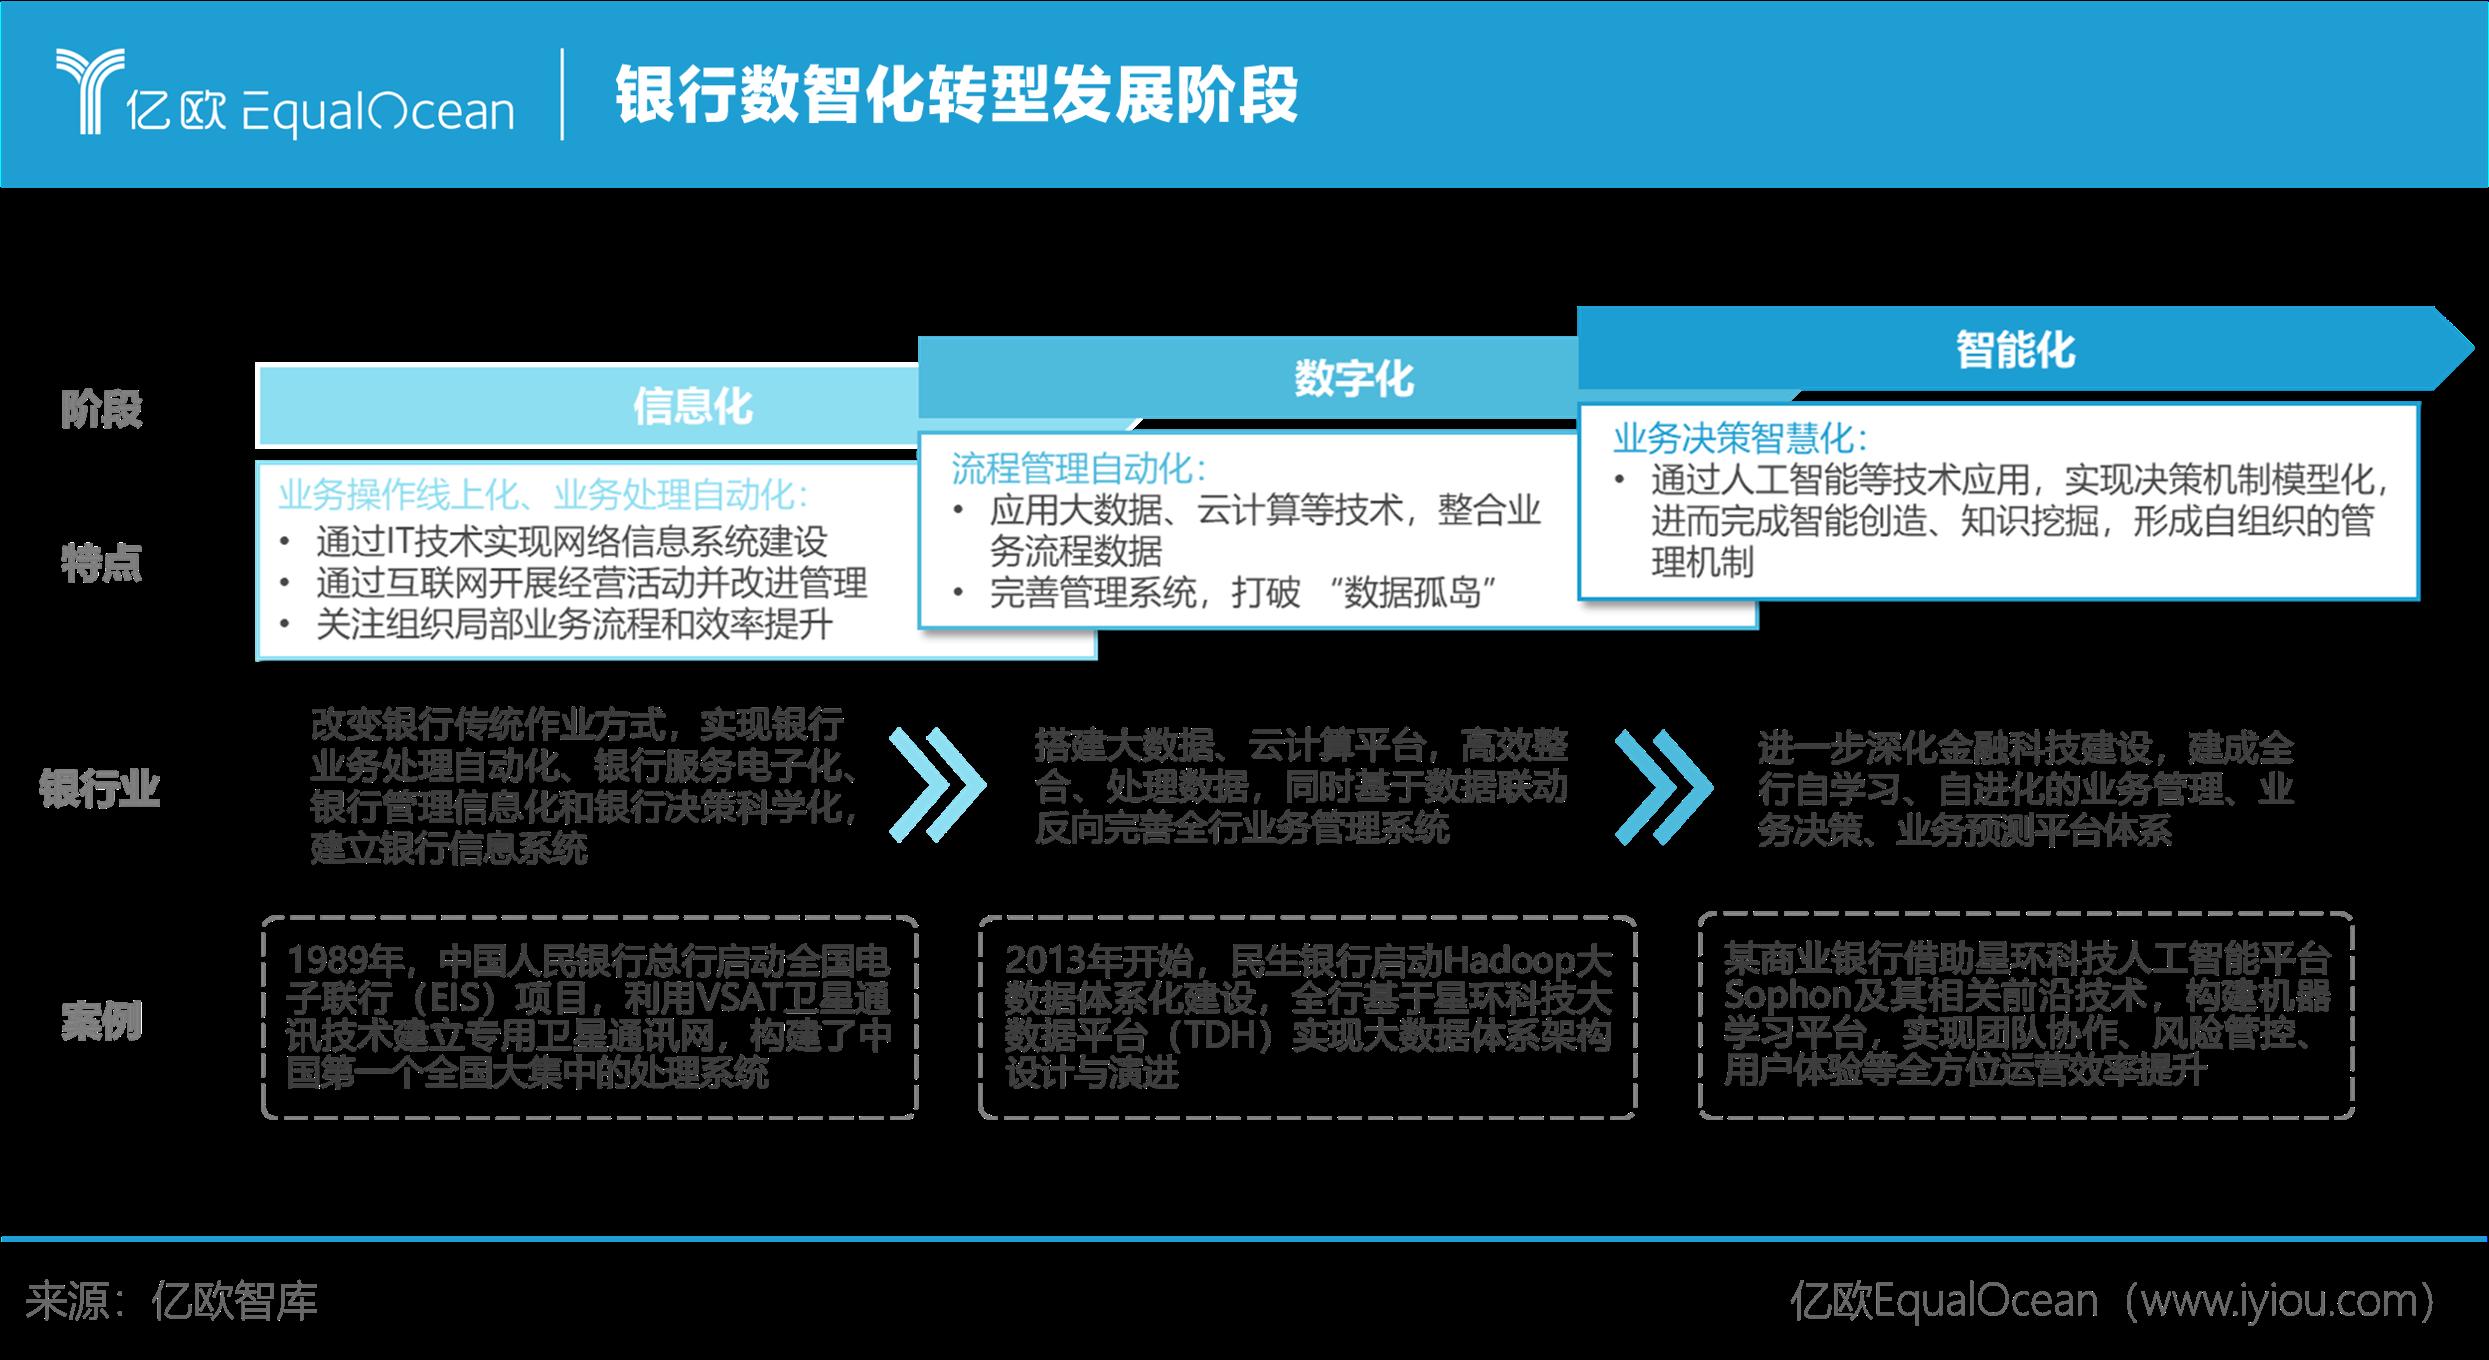 亿欧智库:银行数智化转型发展阶段